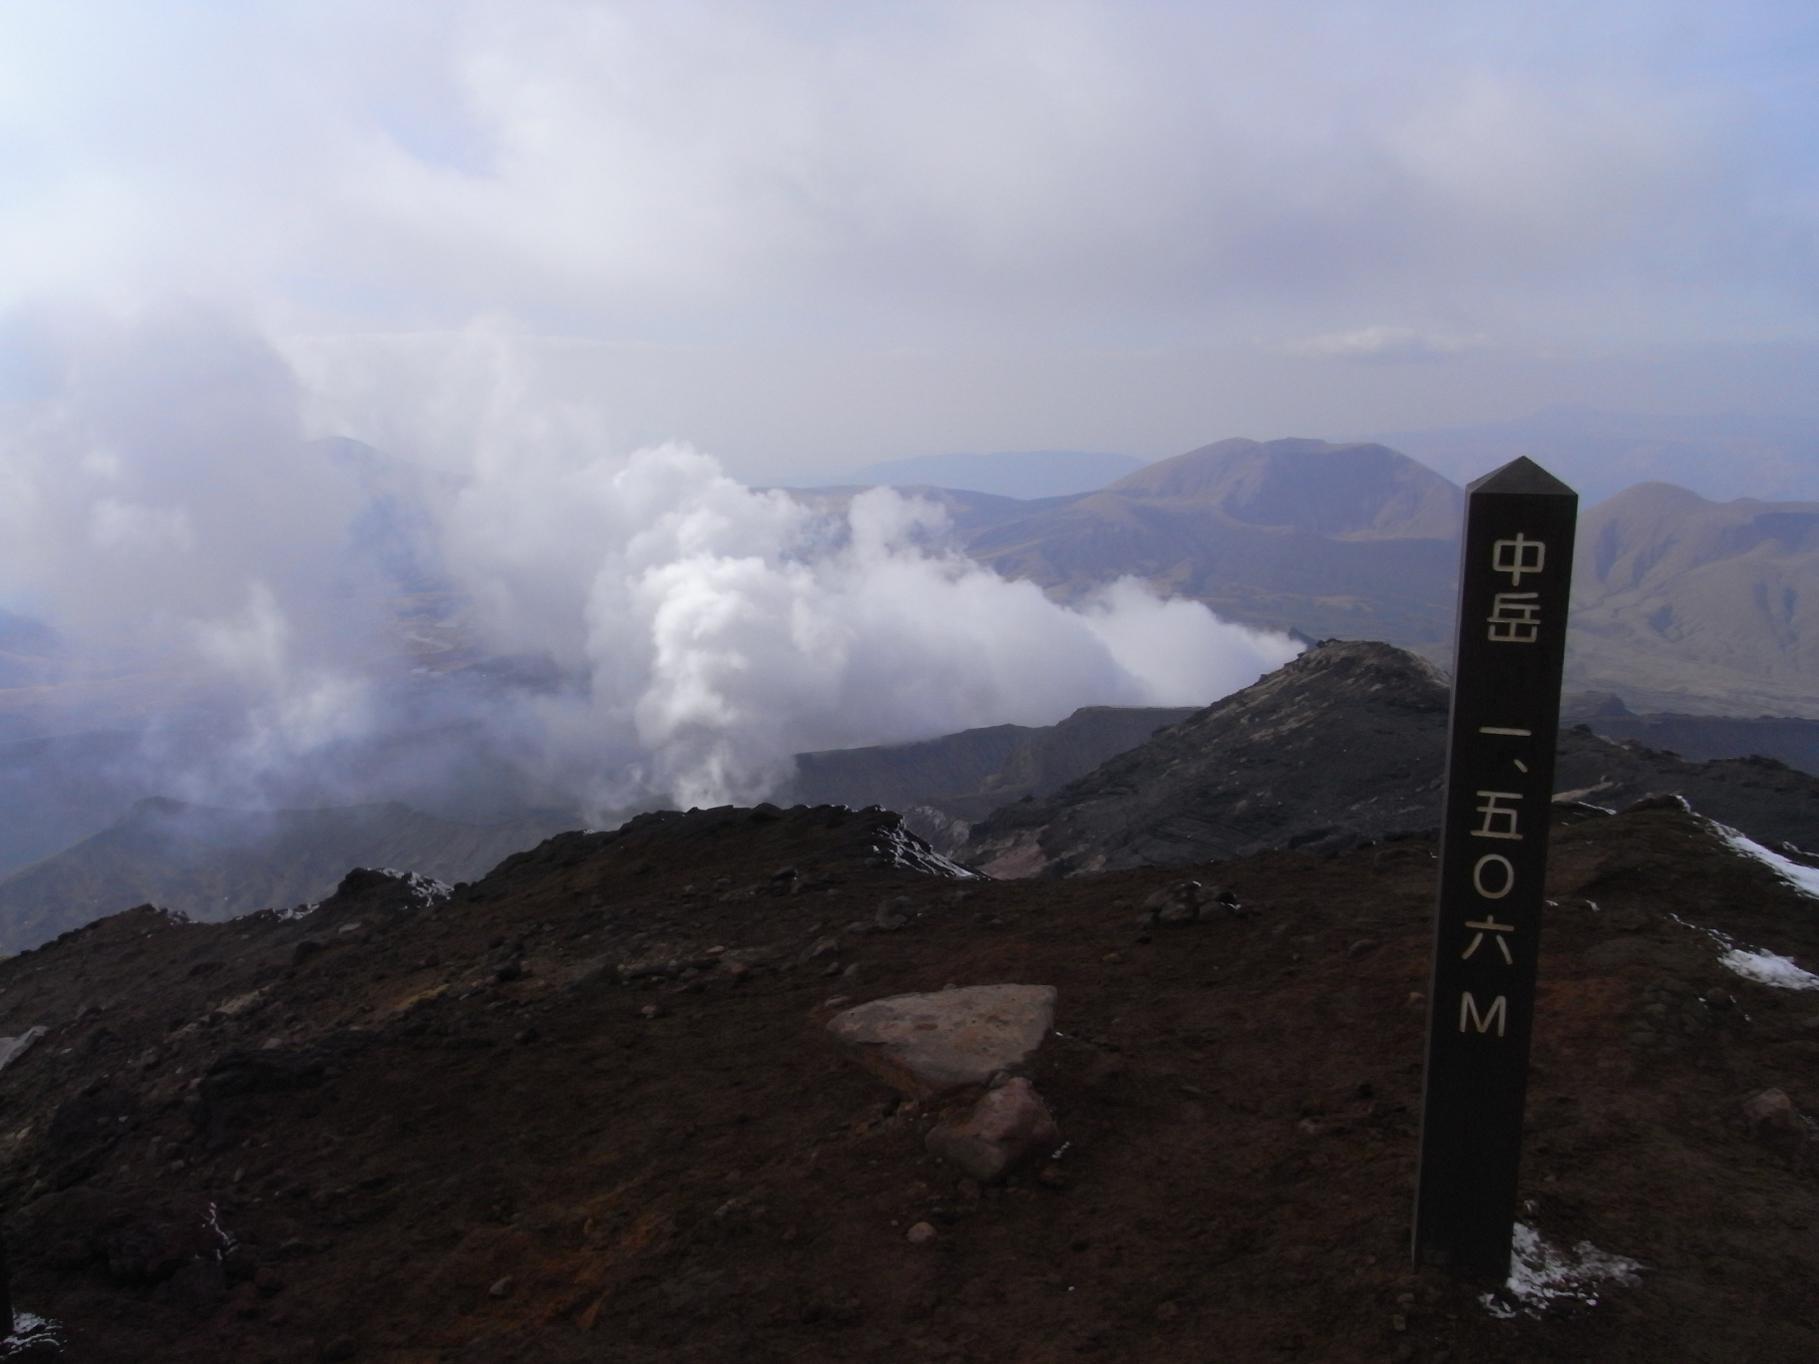 [自転車旅行] 2012/12/01:熊本県阿蘇市~阿蘇郡高森町(高森町湧水トンネル公園)